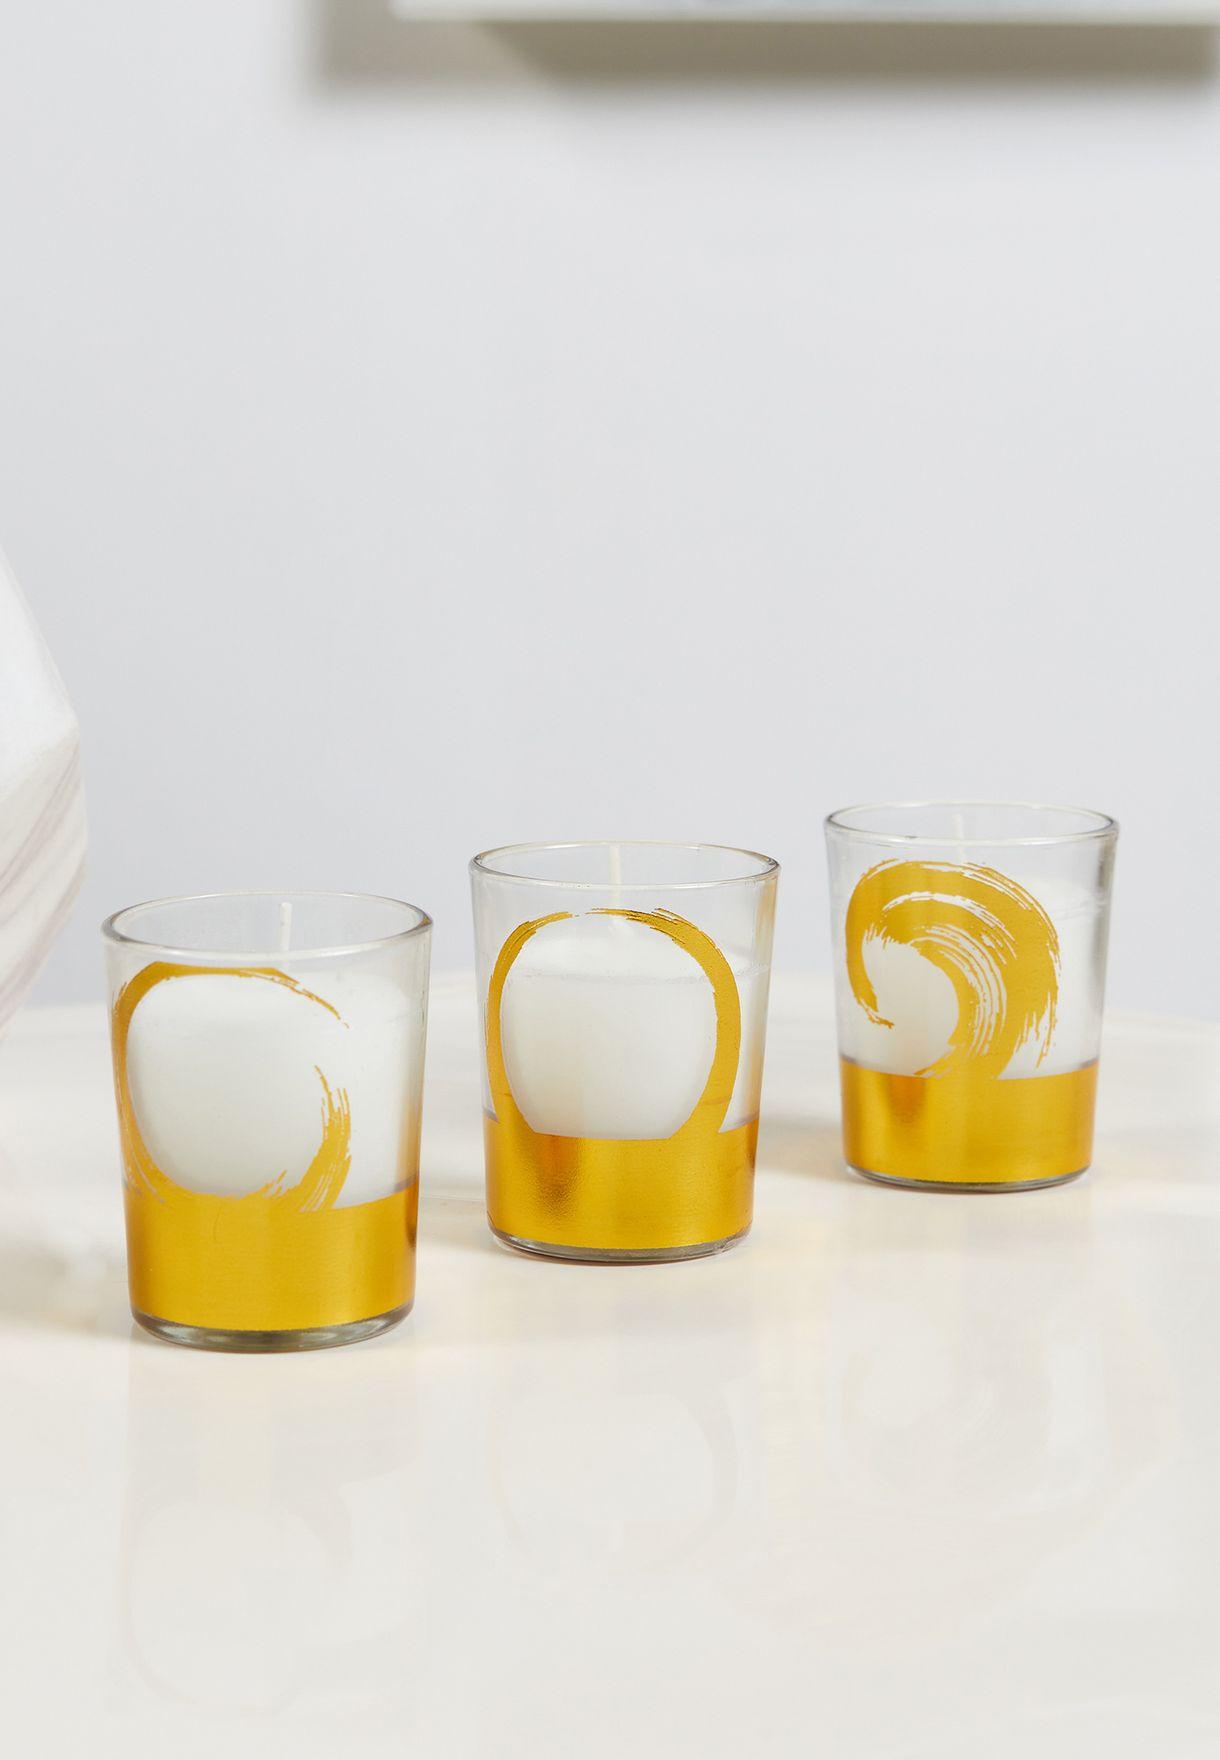 مجموعة شموع عطرية بالفانيلا واللافندر عدد 3